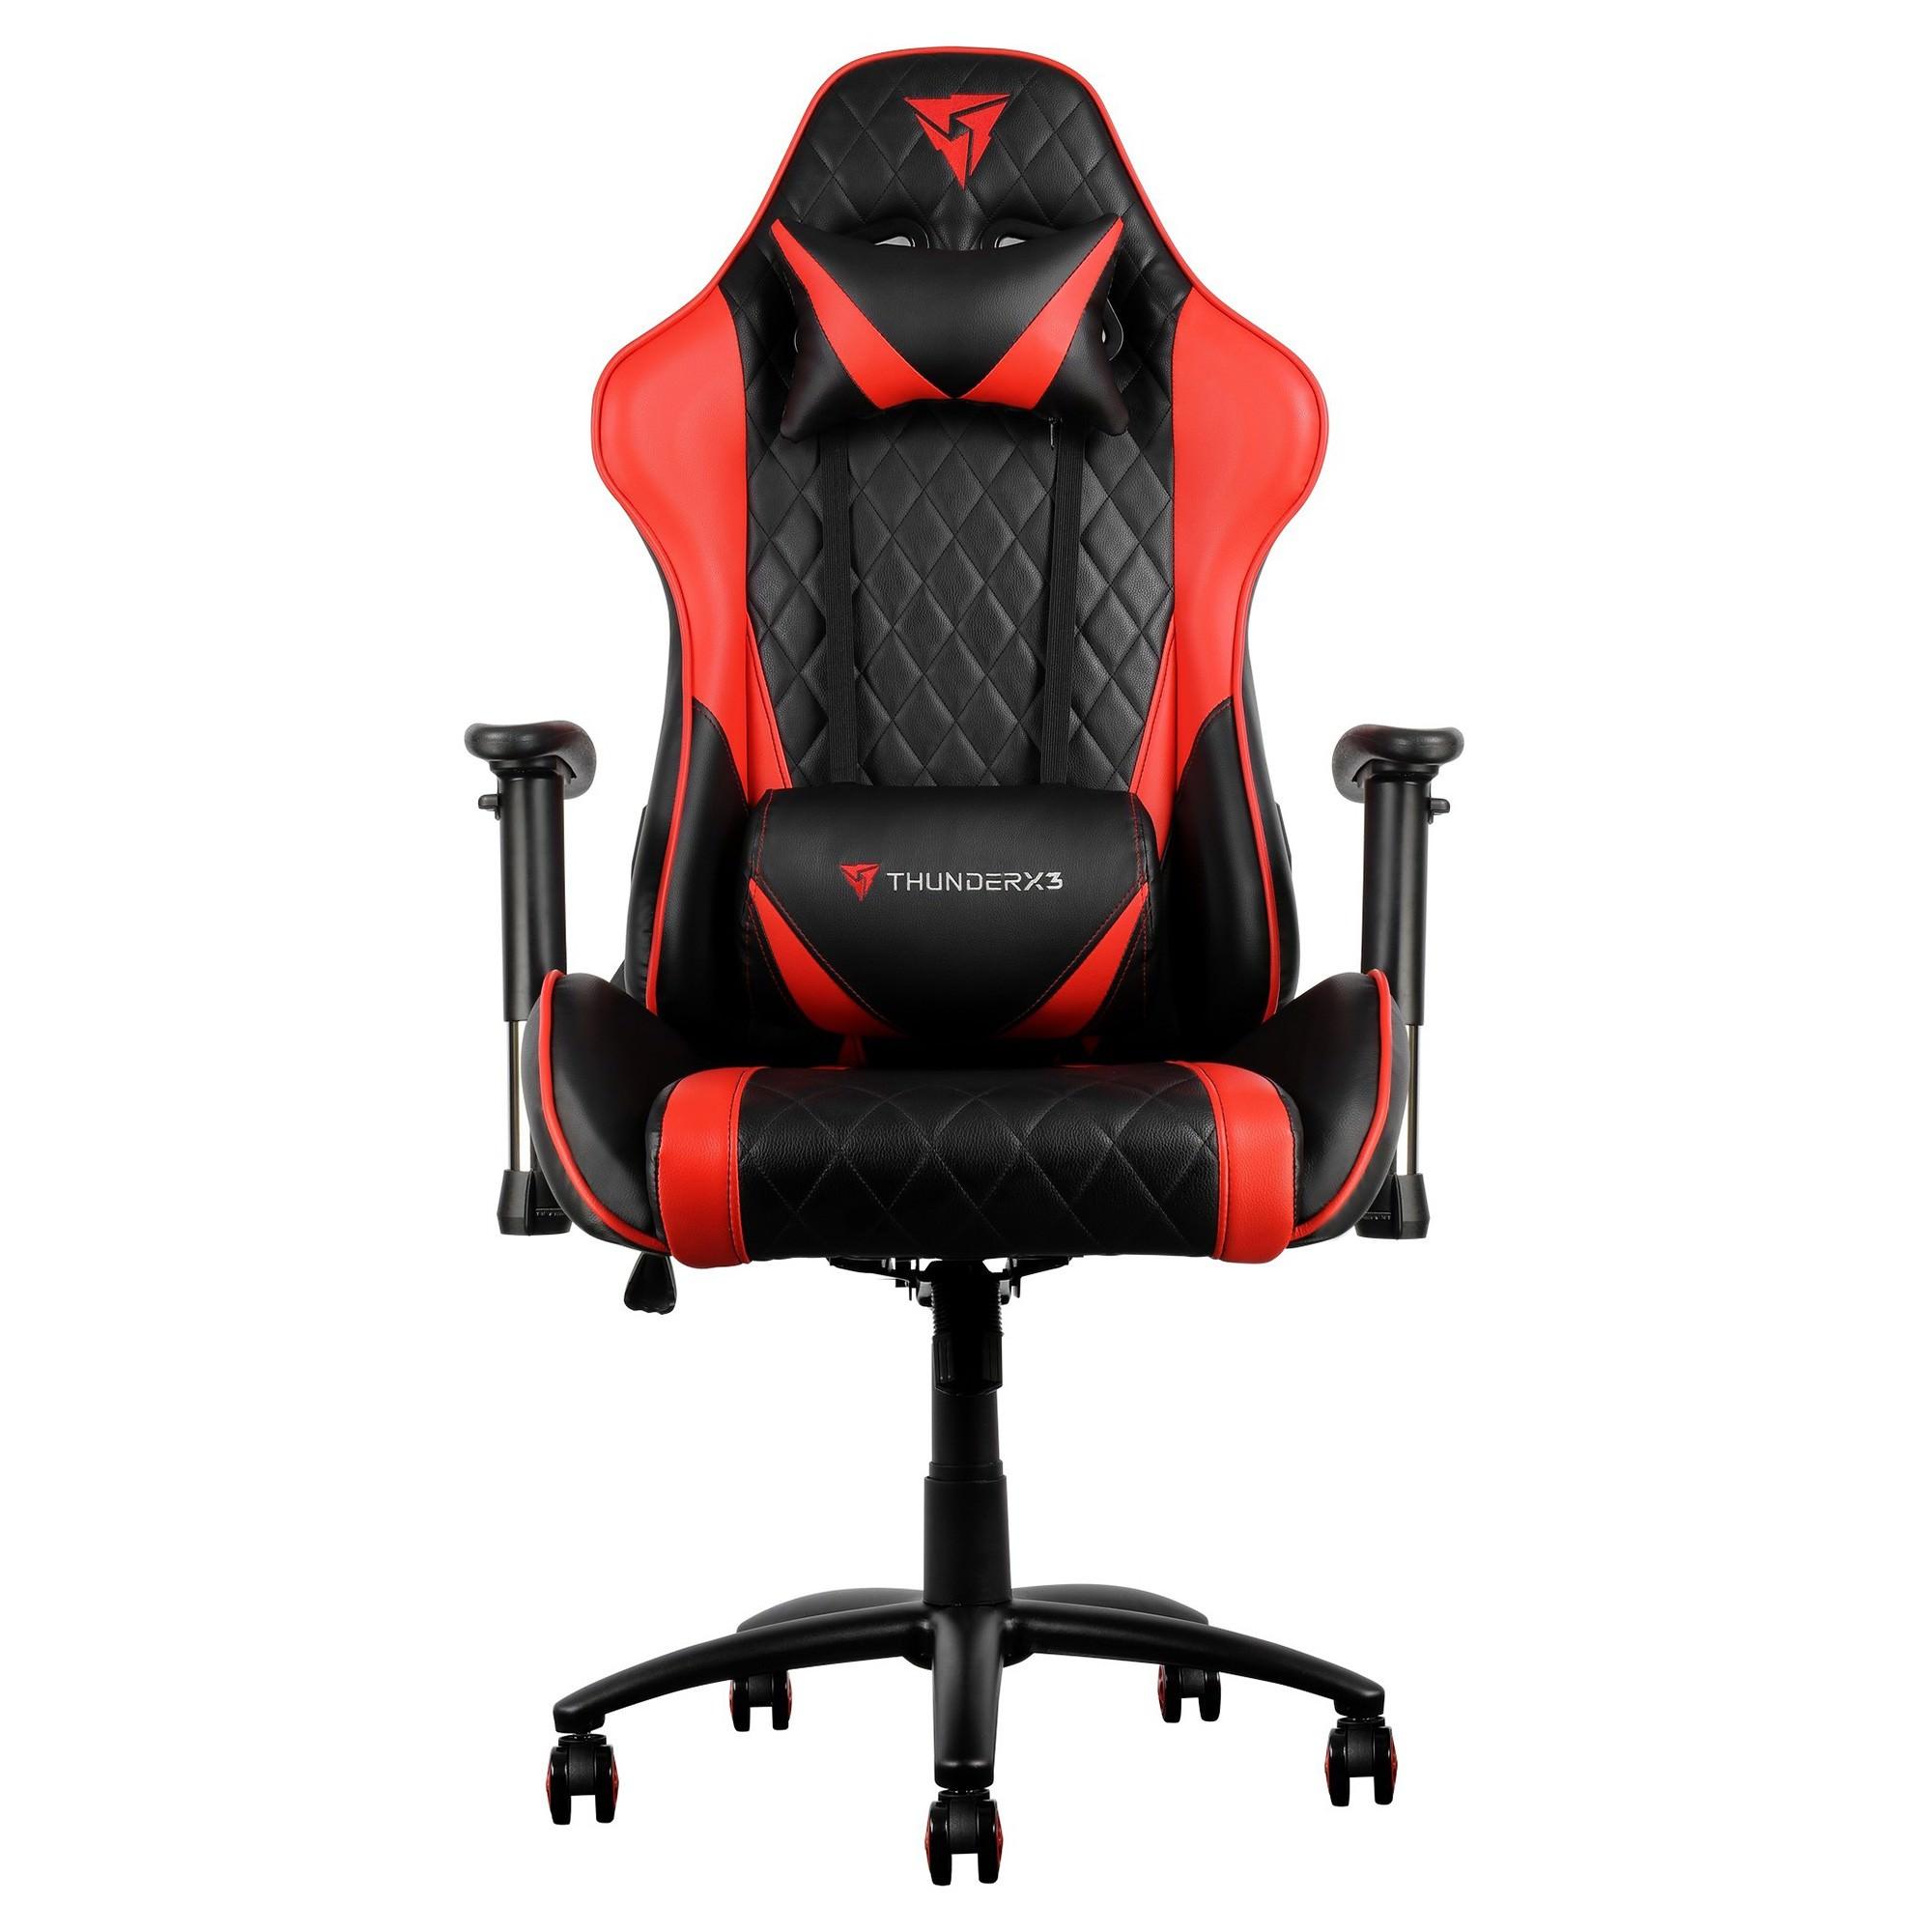 ThunderX3 TGC15 Gaming Chair, Black / Red